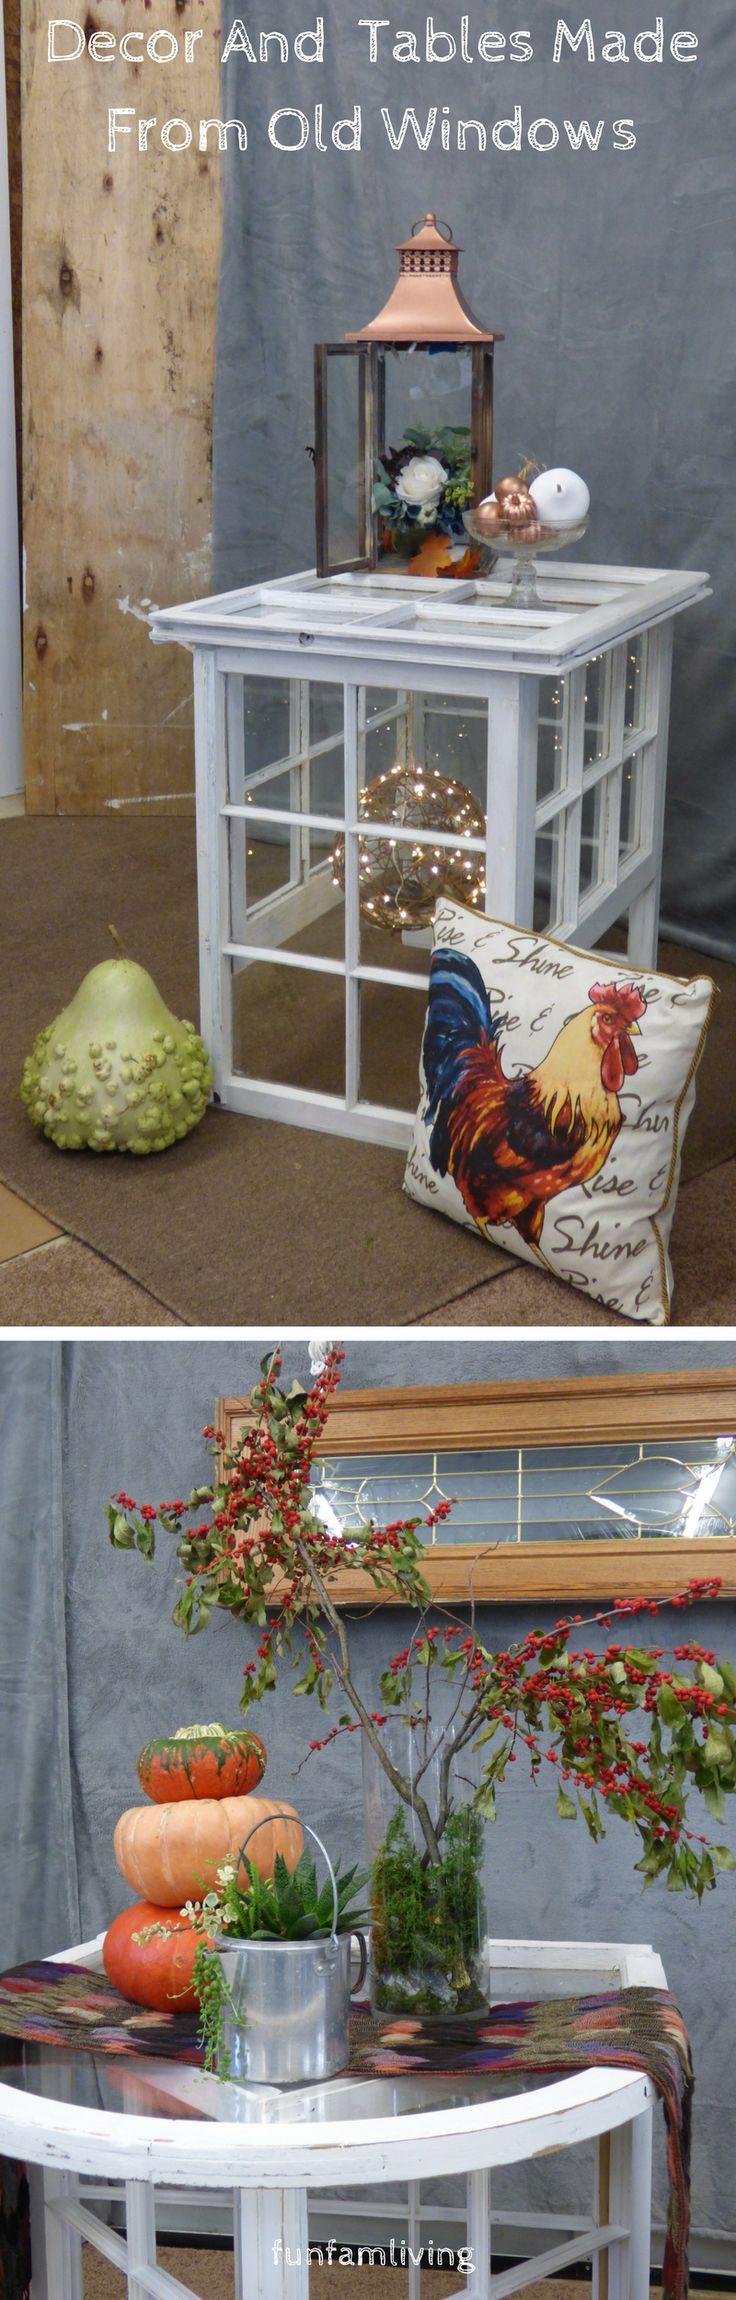 Super creative and love the farmhouse decor!